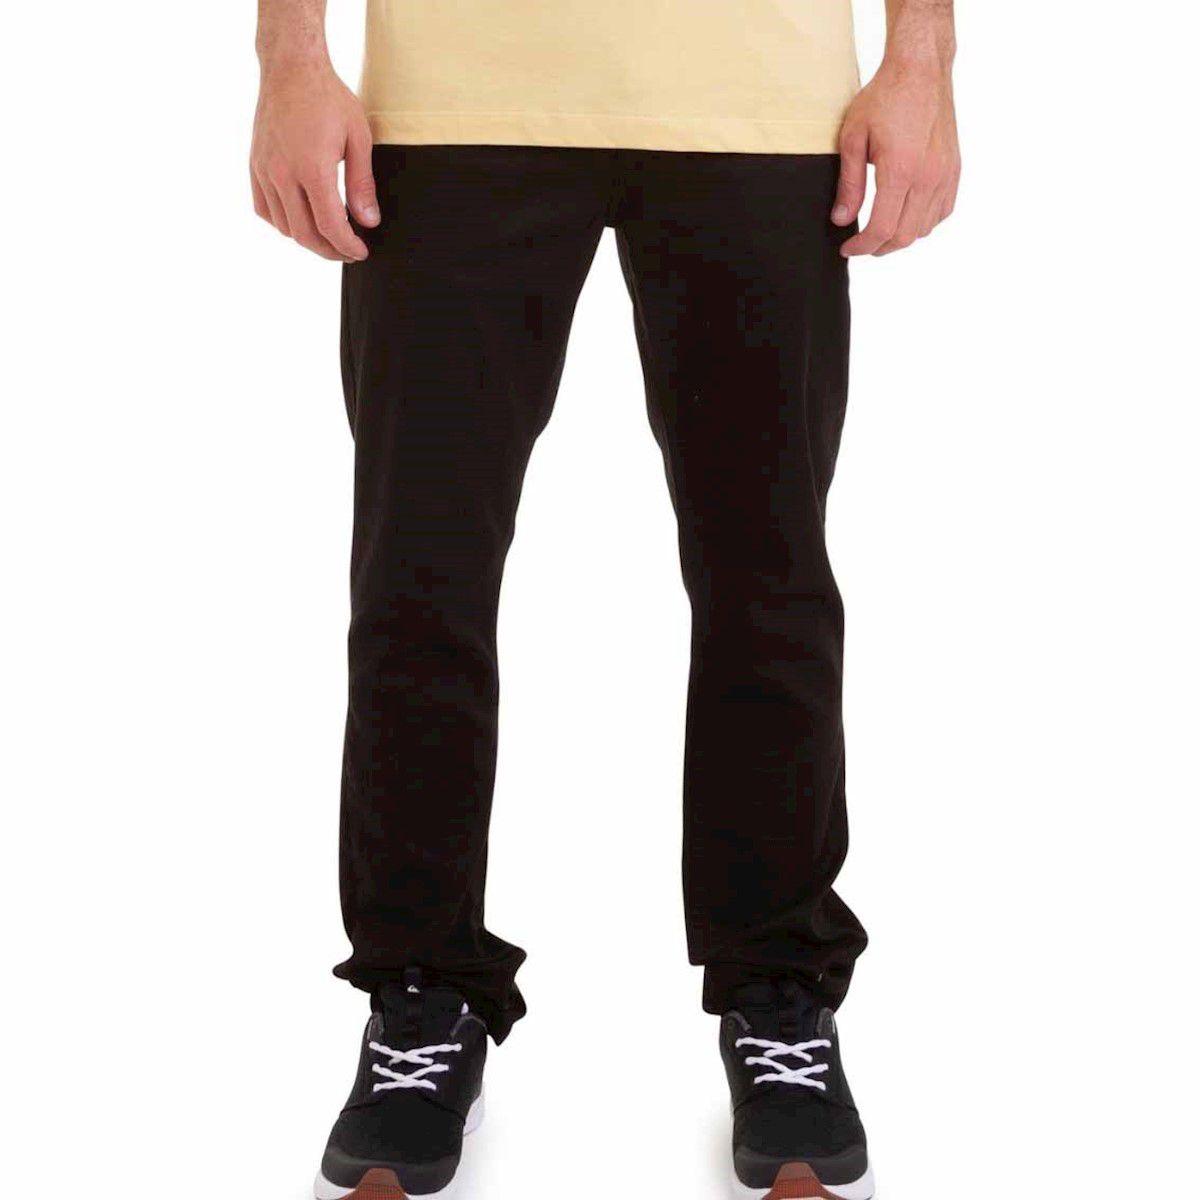 Calça Quiksilver Esp Skate Black